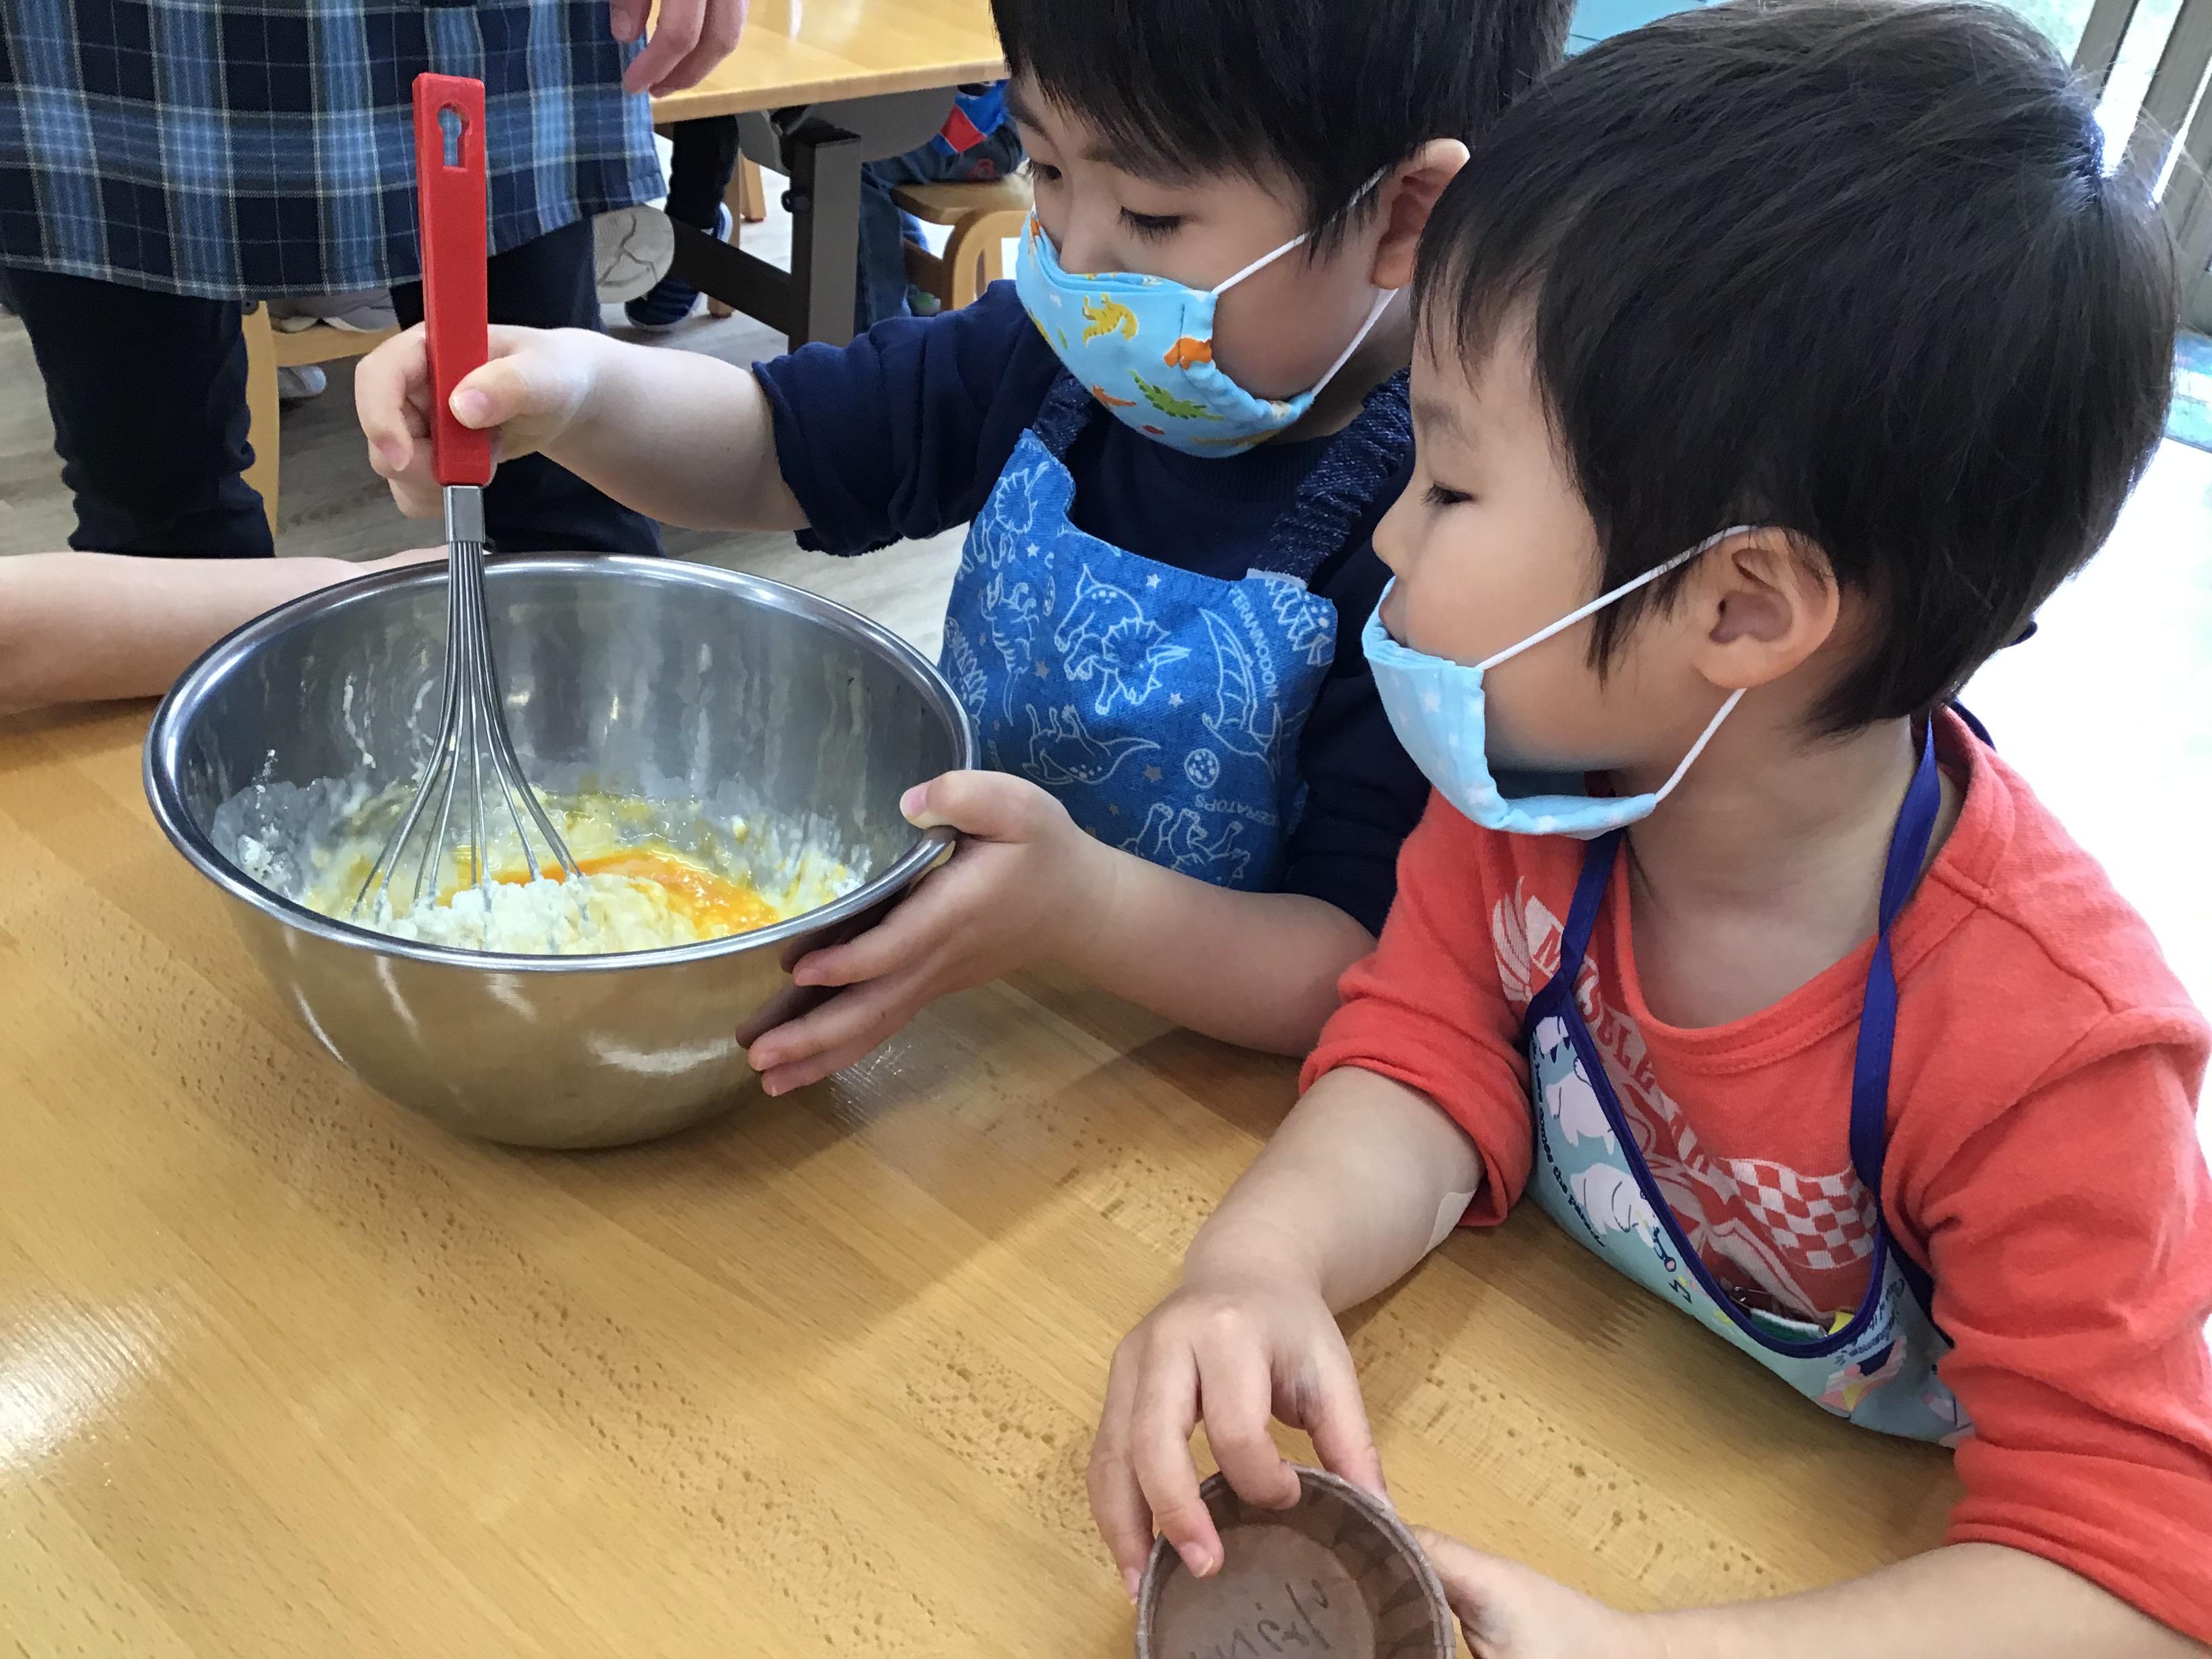 スプリングスクール ジャンボシュウマイと蒸しパン作り